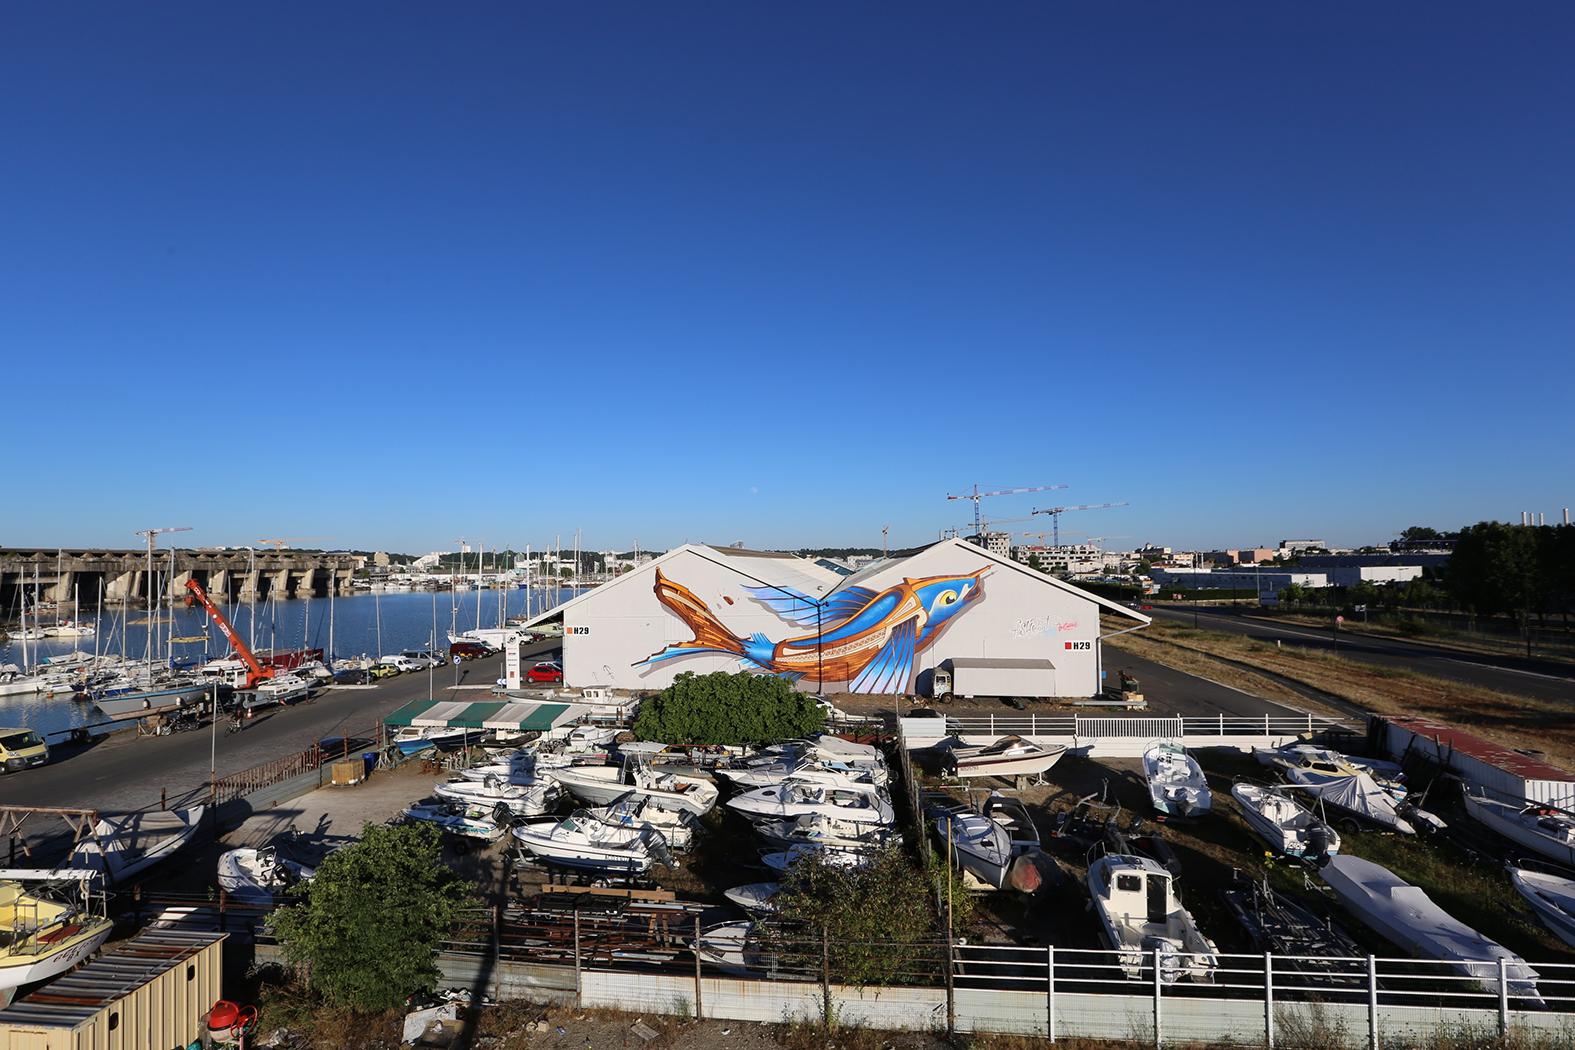 Nerone-fishboat-bordeaux-street-art-6